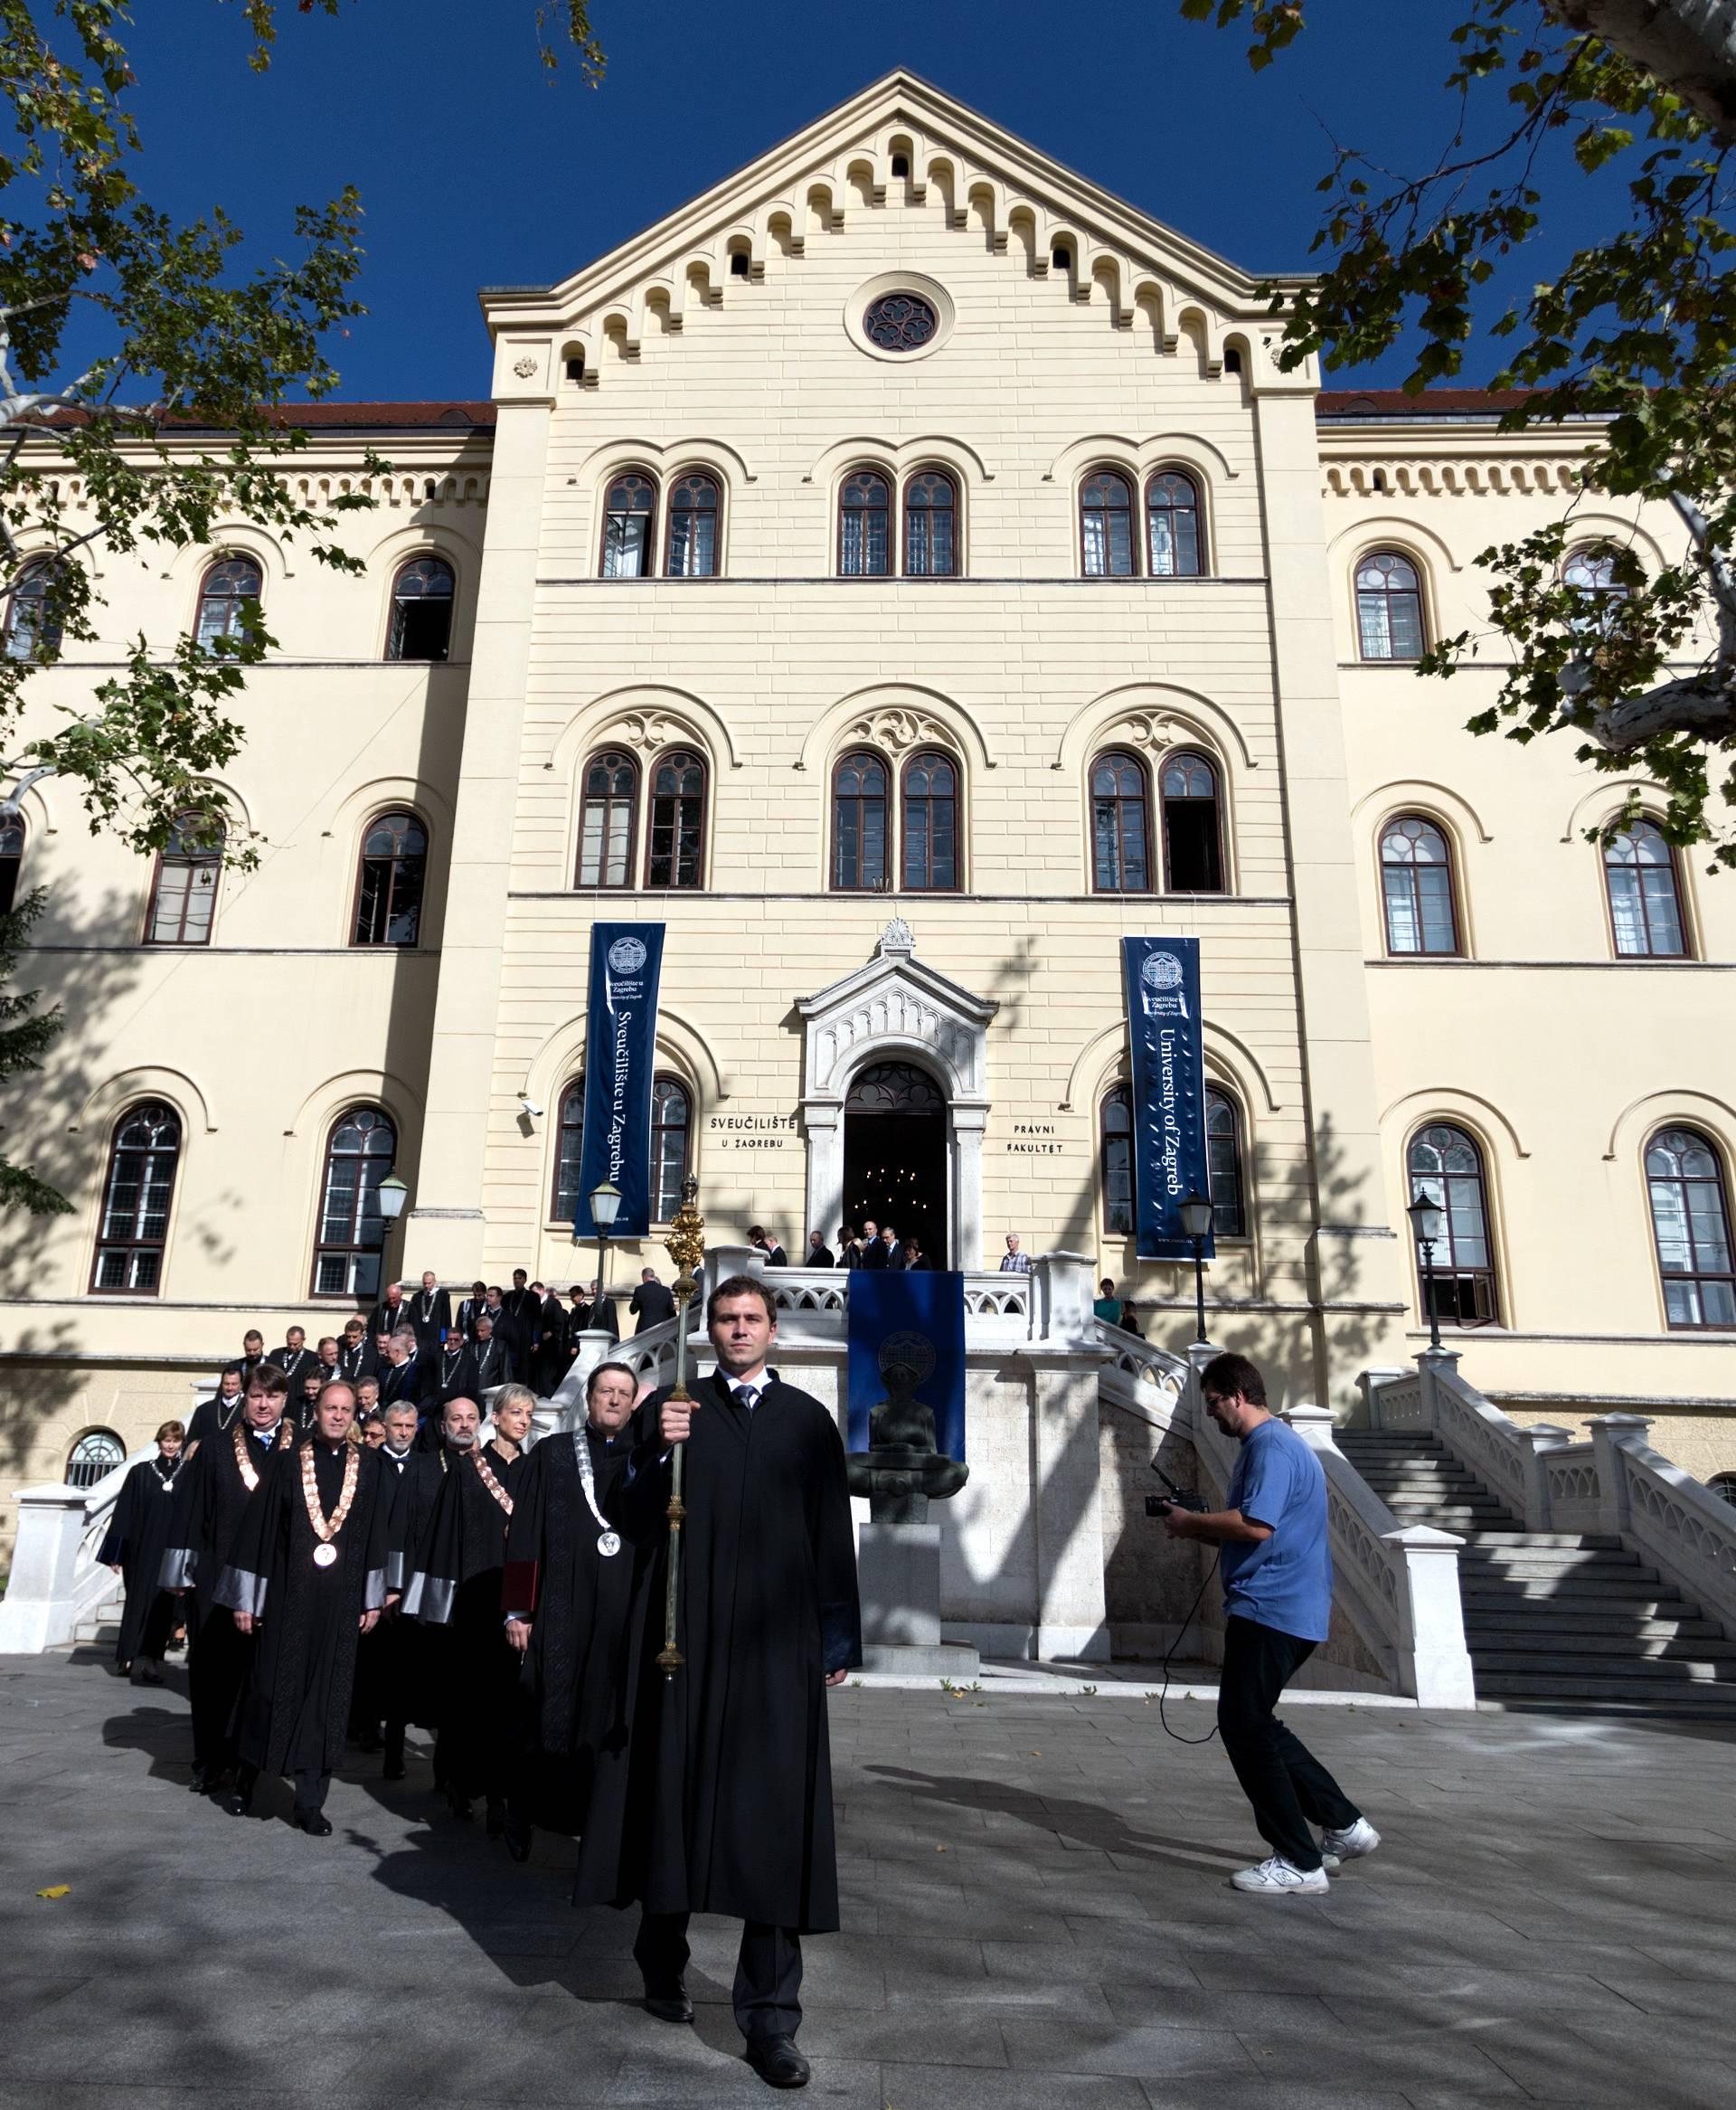 Pokrenuli proračunski nadzor nad zagrebačkim Sveučilištem